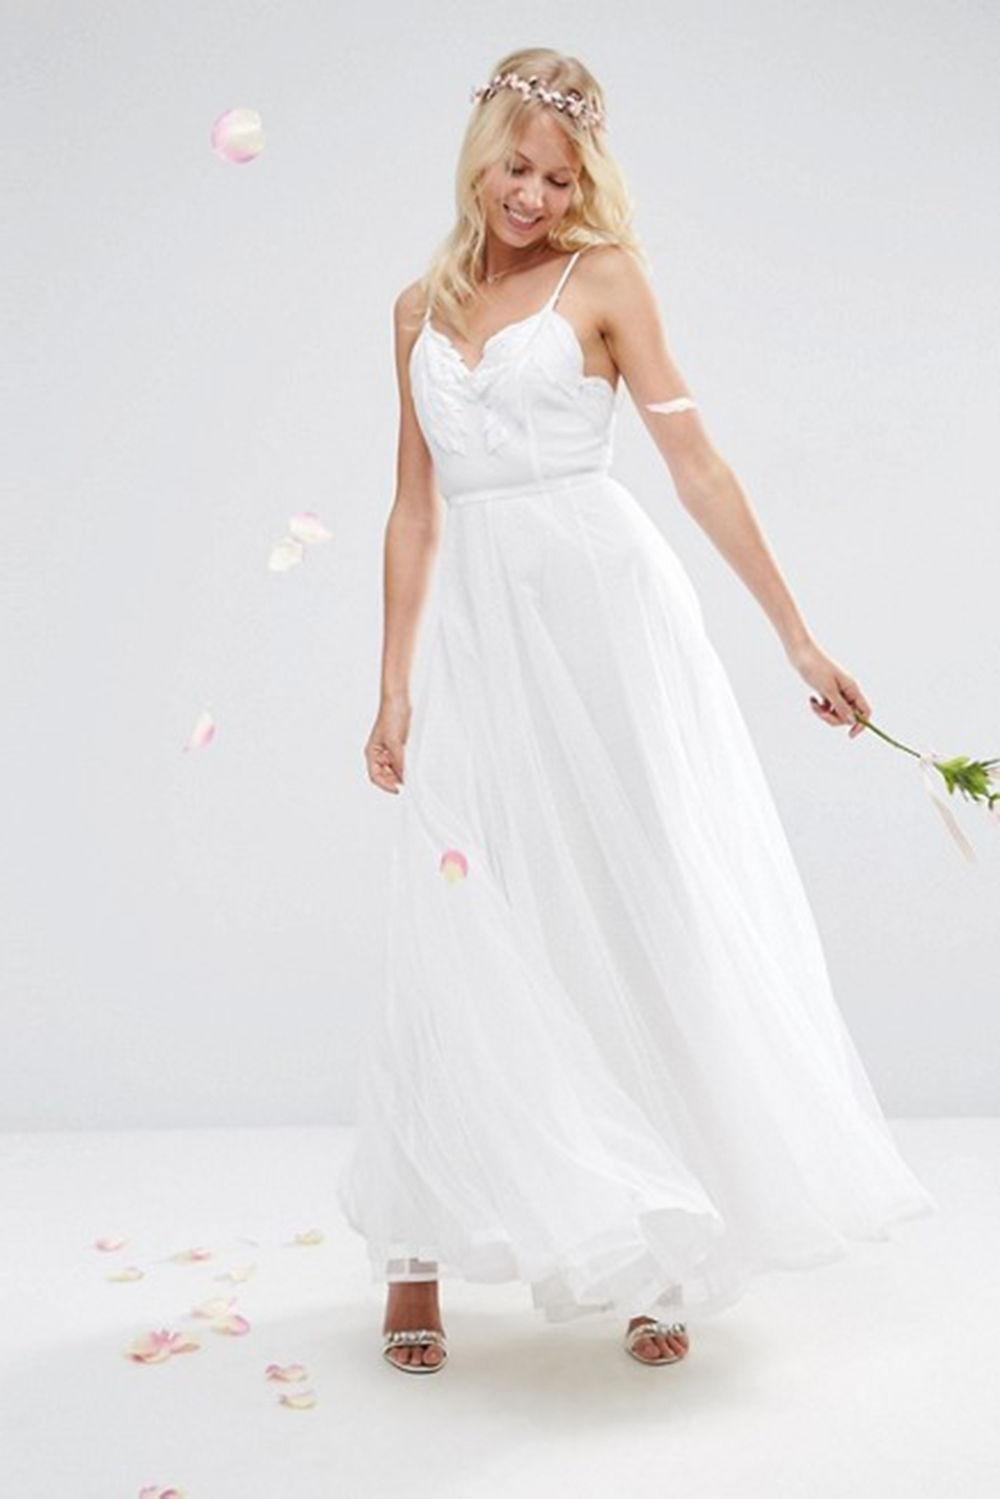 Designer Ausgezeichnet Schöne Brautkleider Spezialgebiet Fantastisch Schöne Brautkleider Spezialgebiet